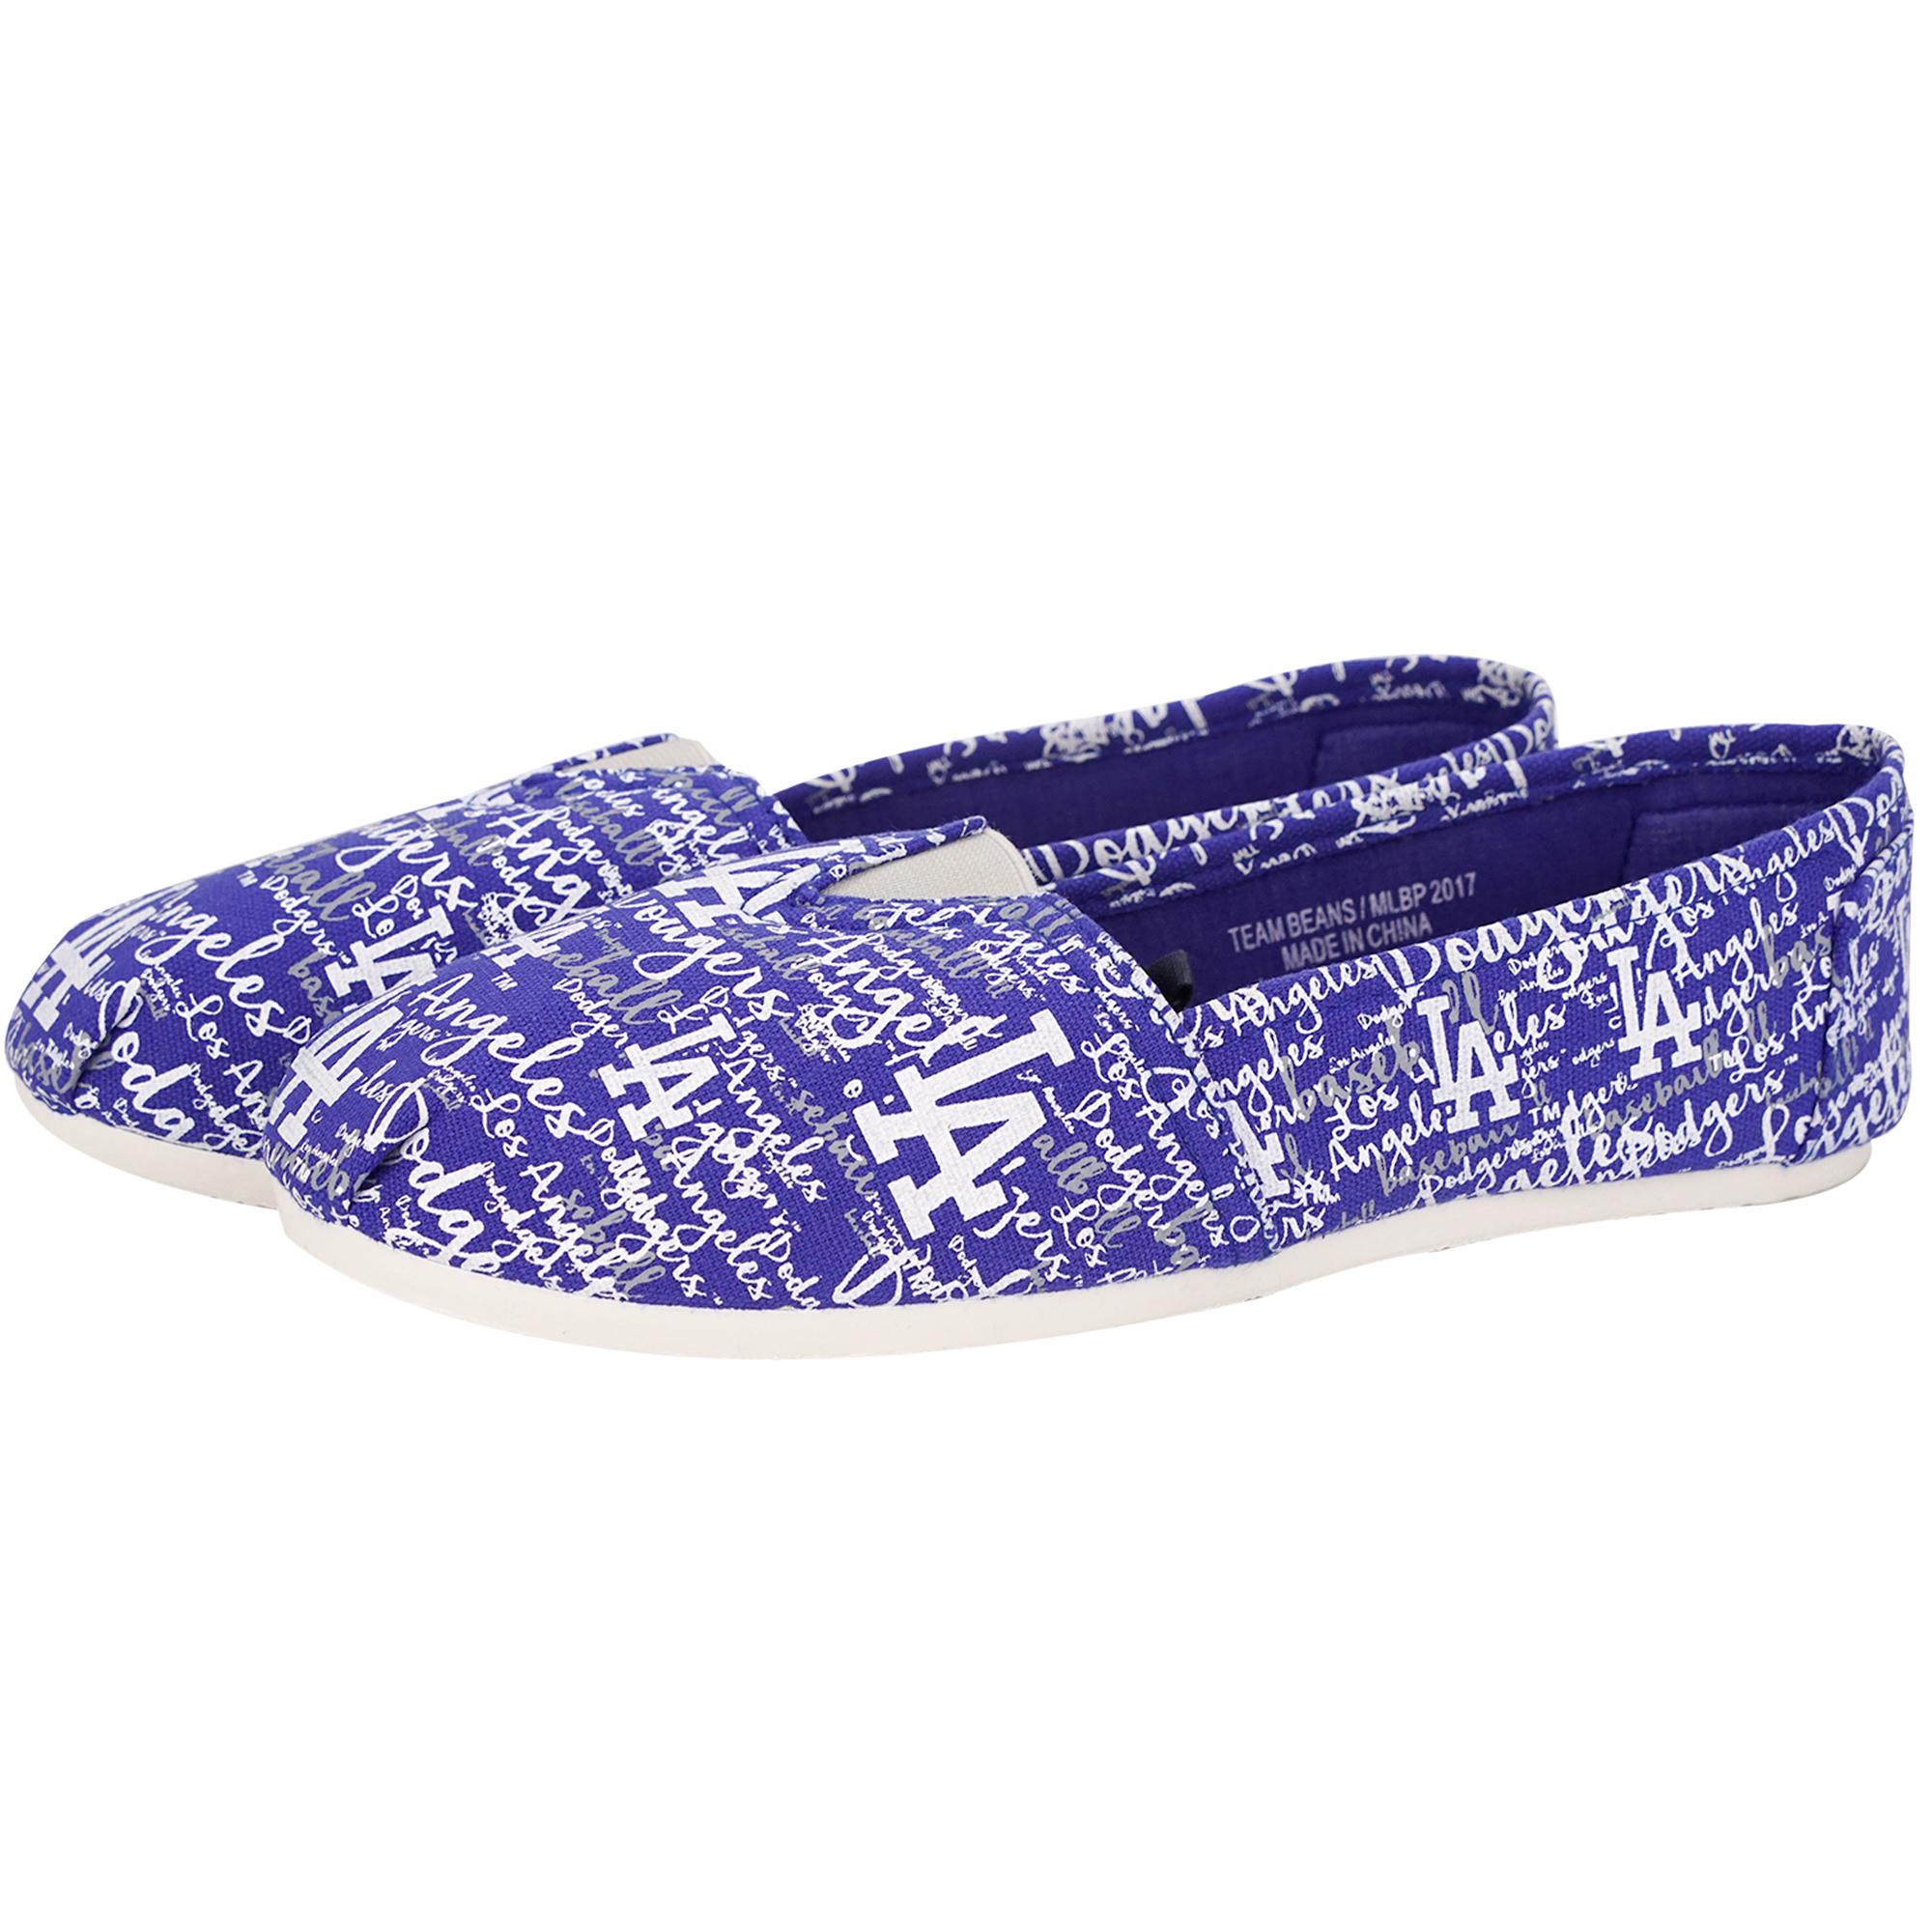 Los Angeles Dodgers Women's Script Canvas Shoes - Royal